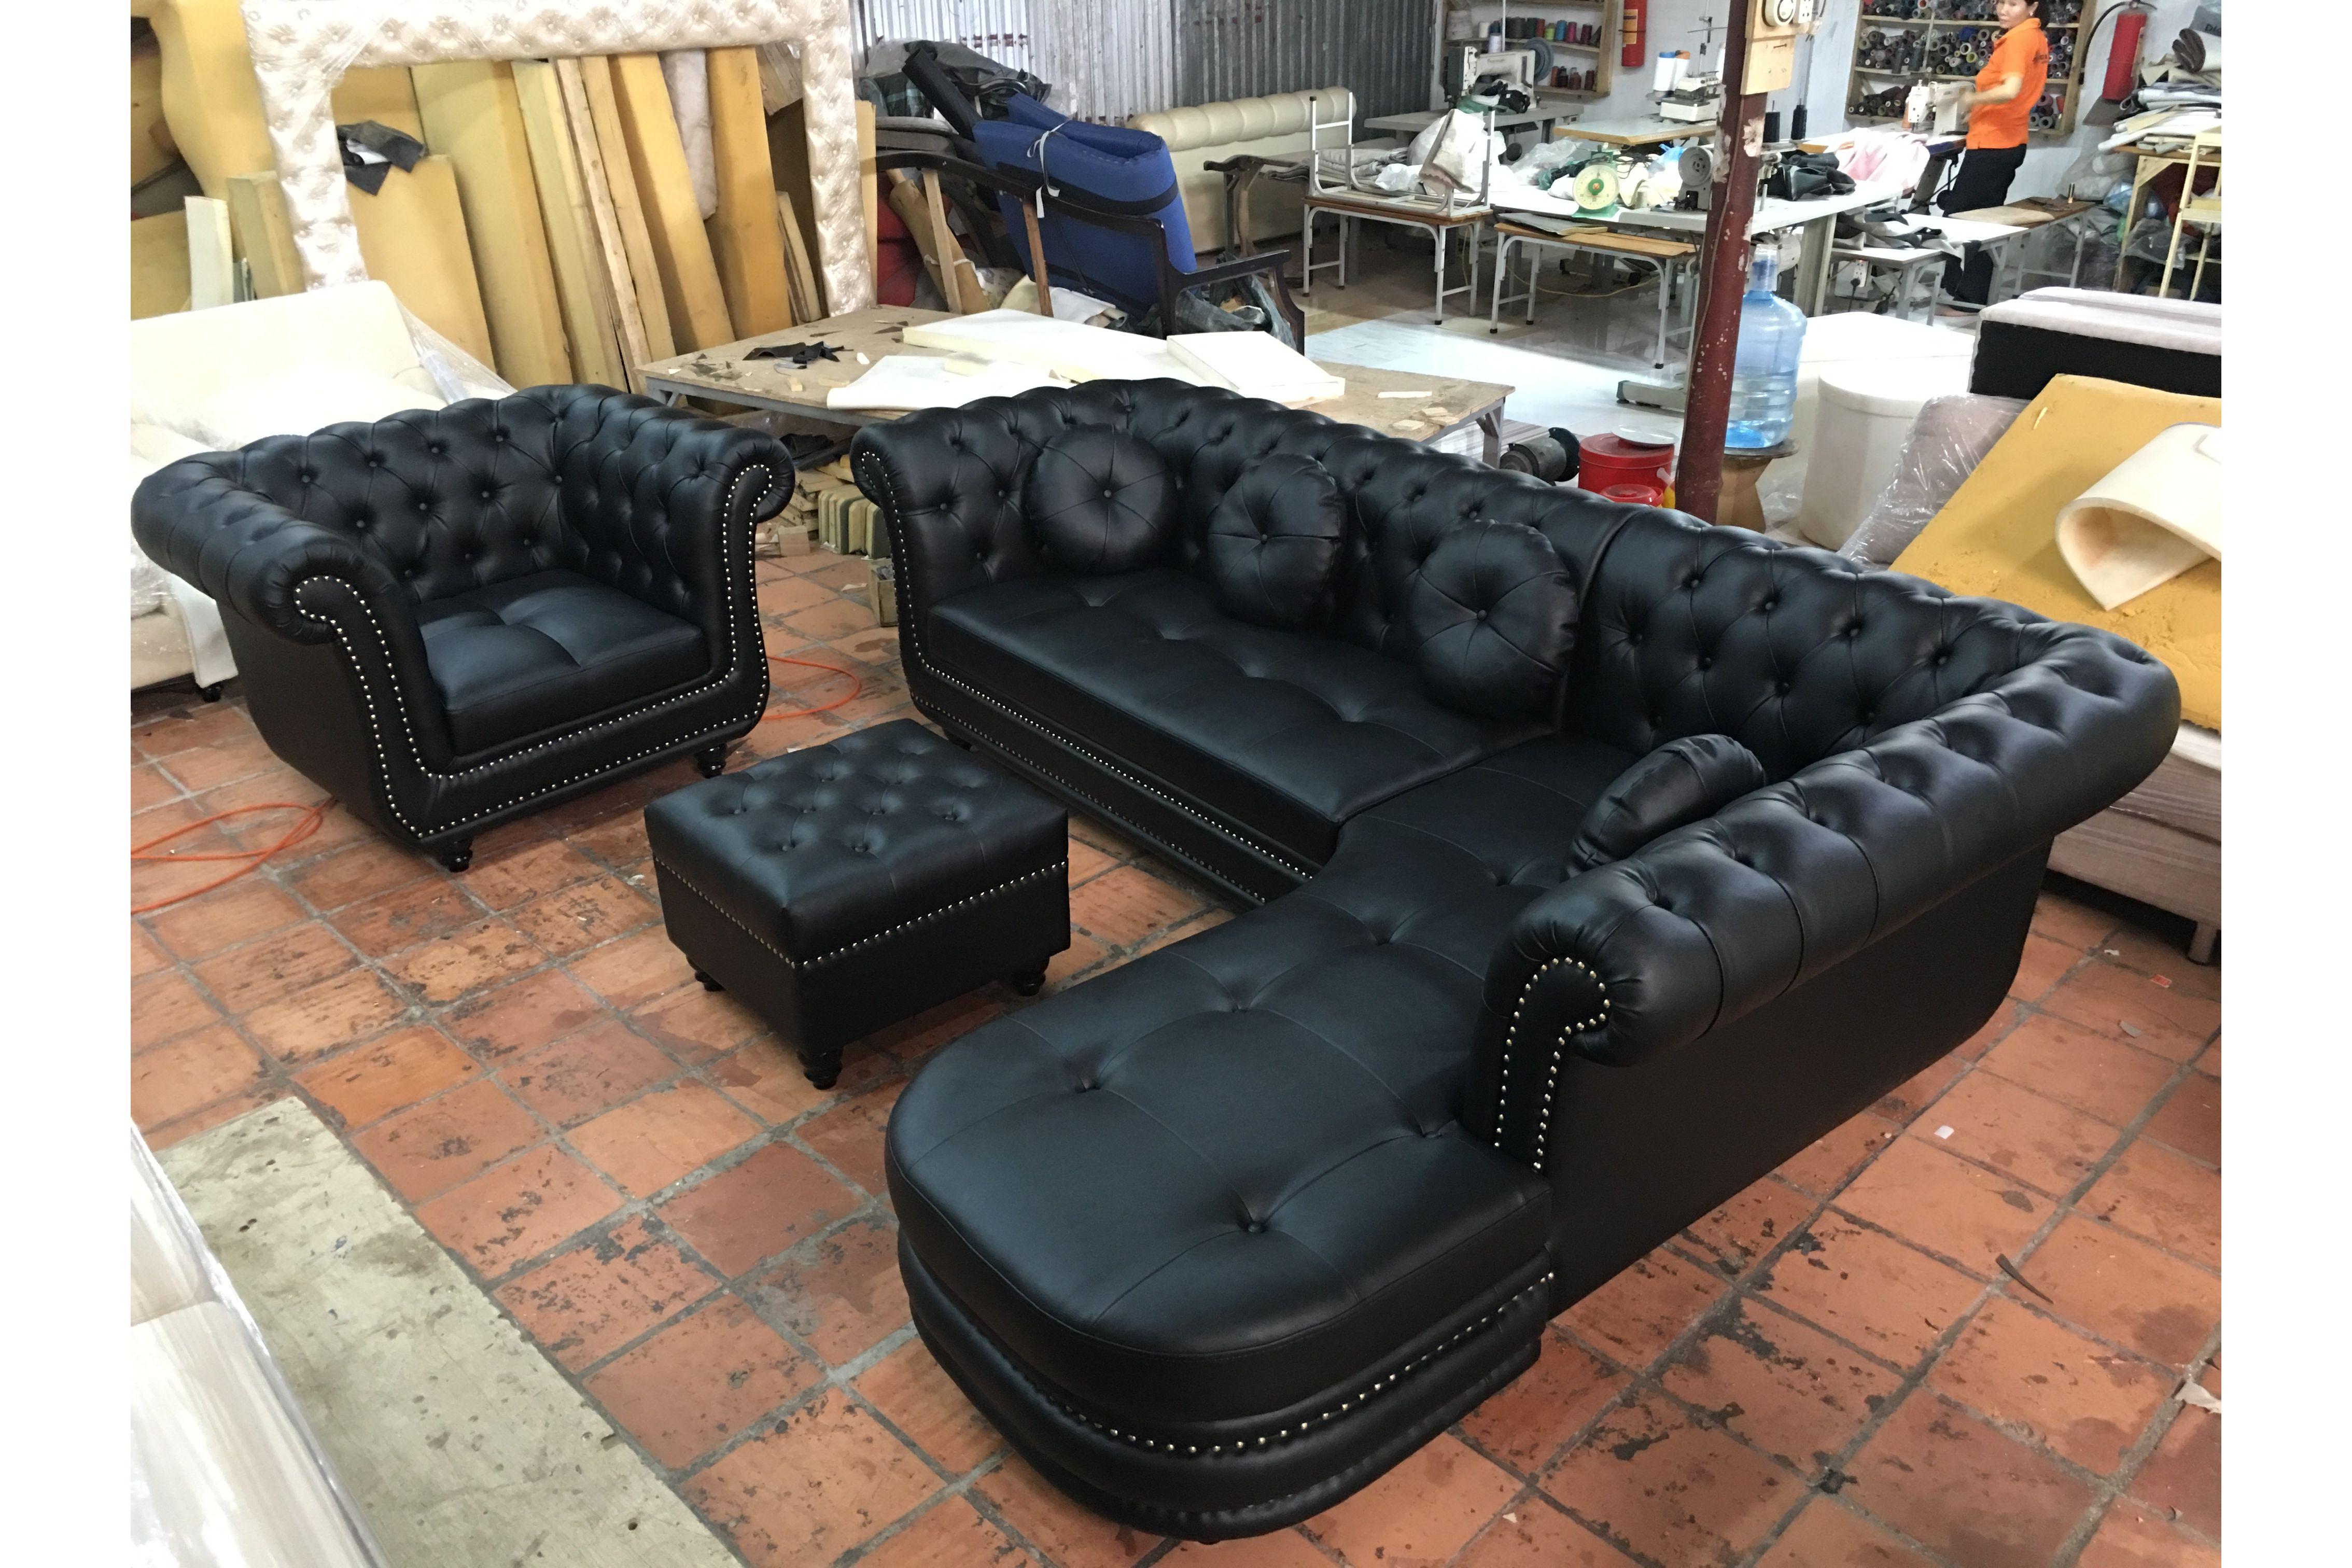 bộ ghế sofa tân cổ điển bọc da công nghiệp màu đen